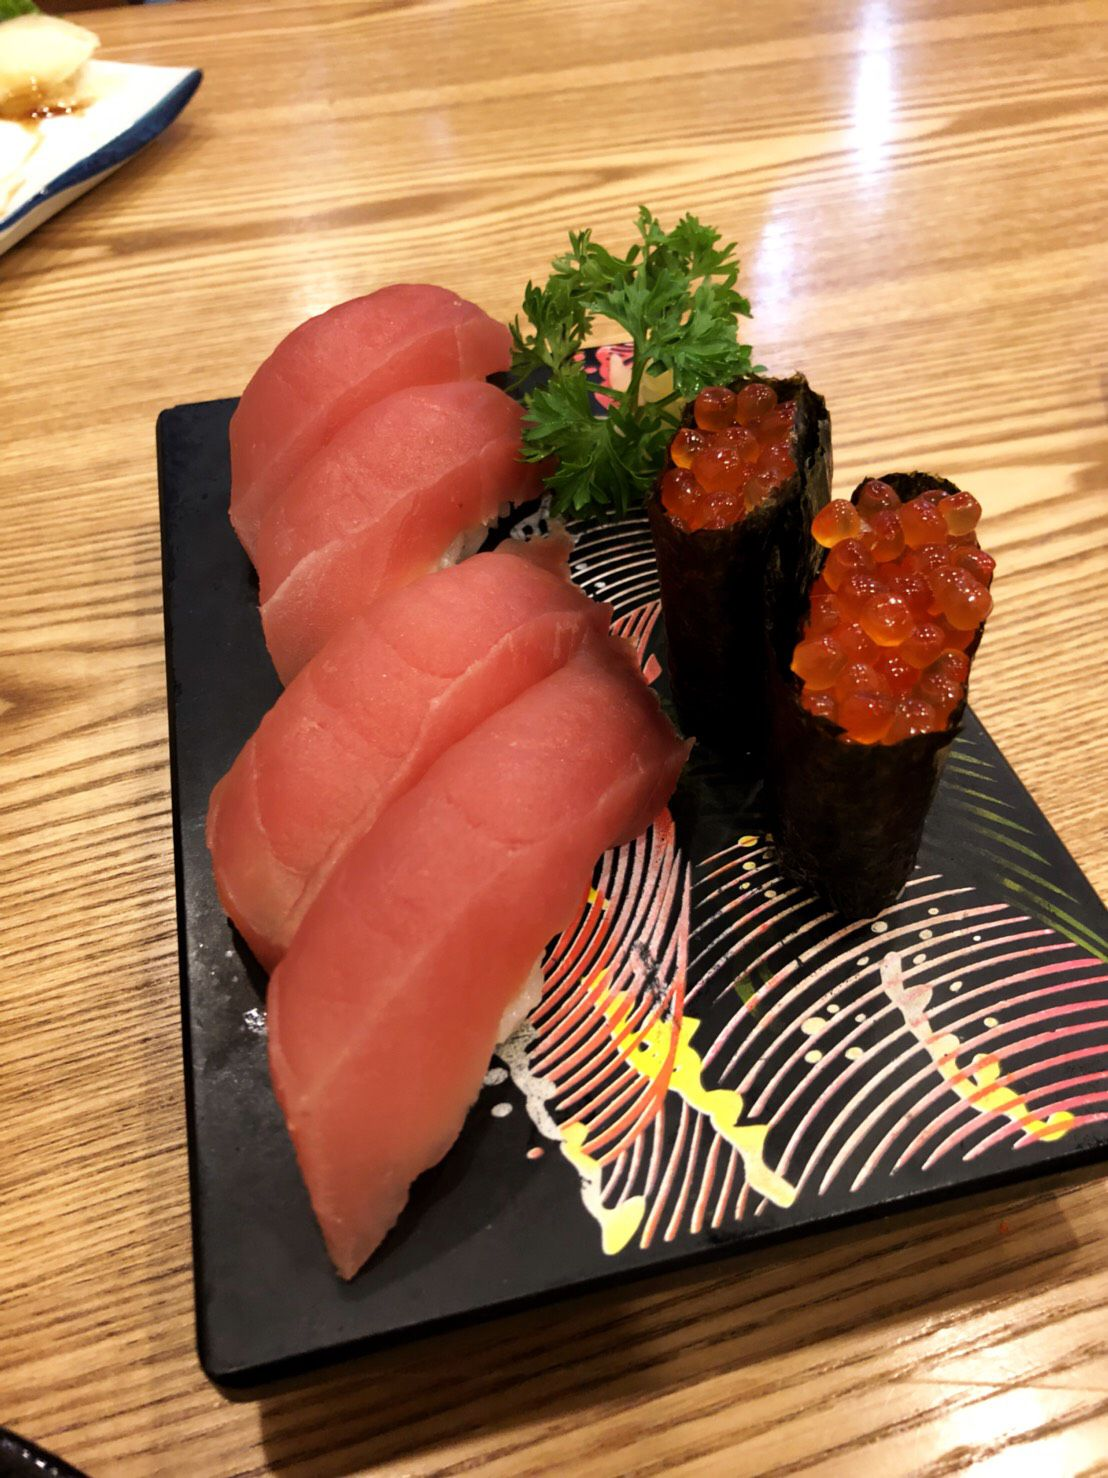 """ร้านอาหารญี่ปุ่น """"ซูชินะ"""" (Sushina) เมนูปลาดิบภูเขาไฟ"""